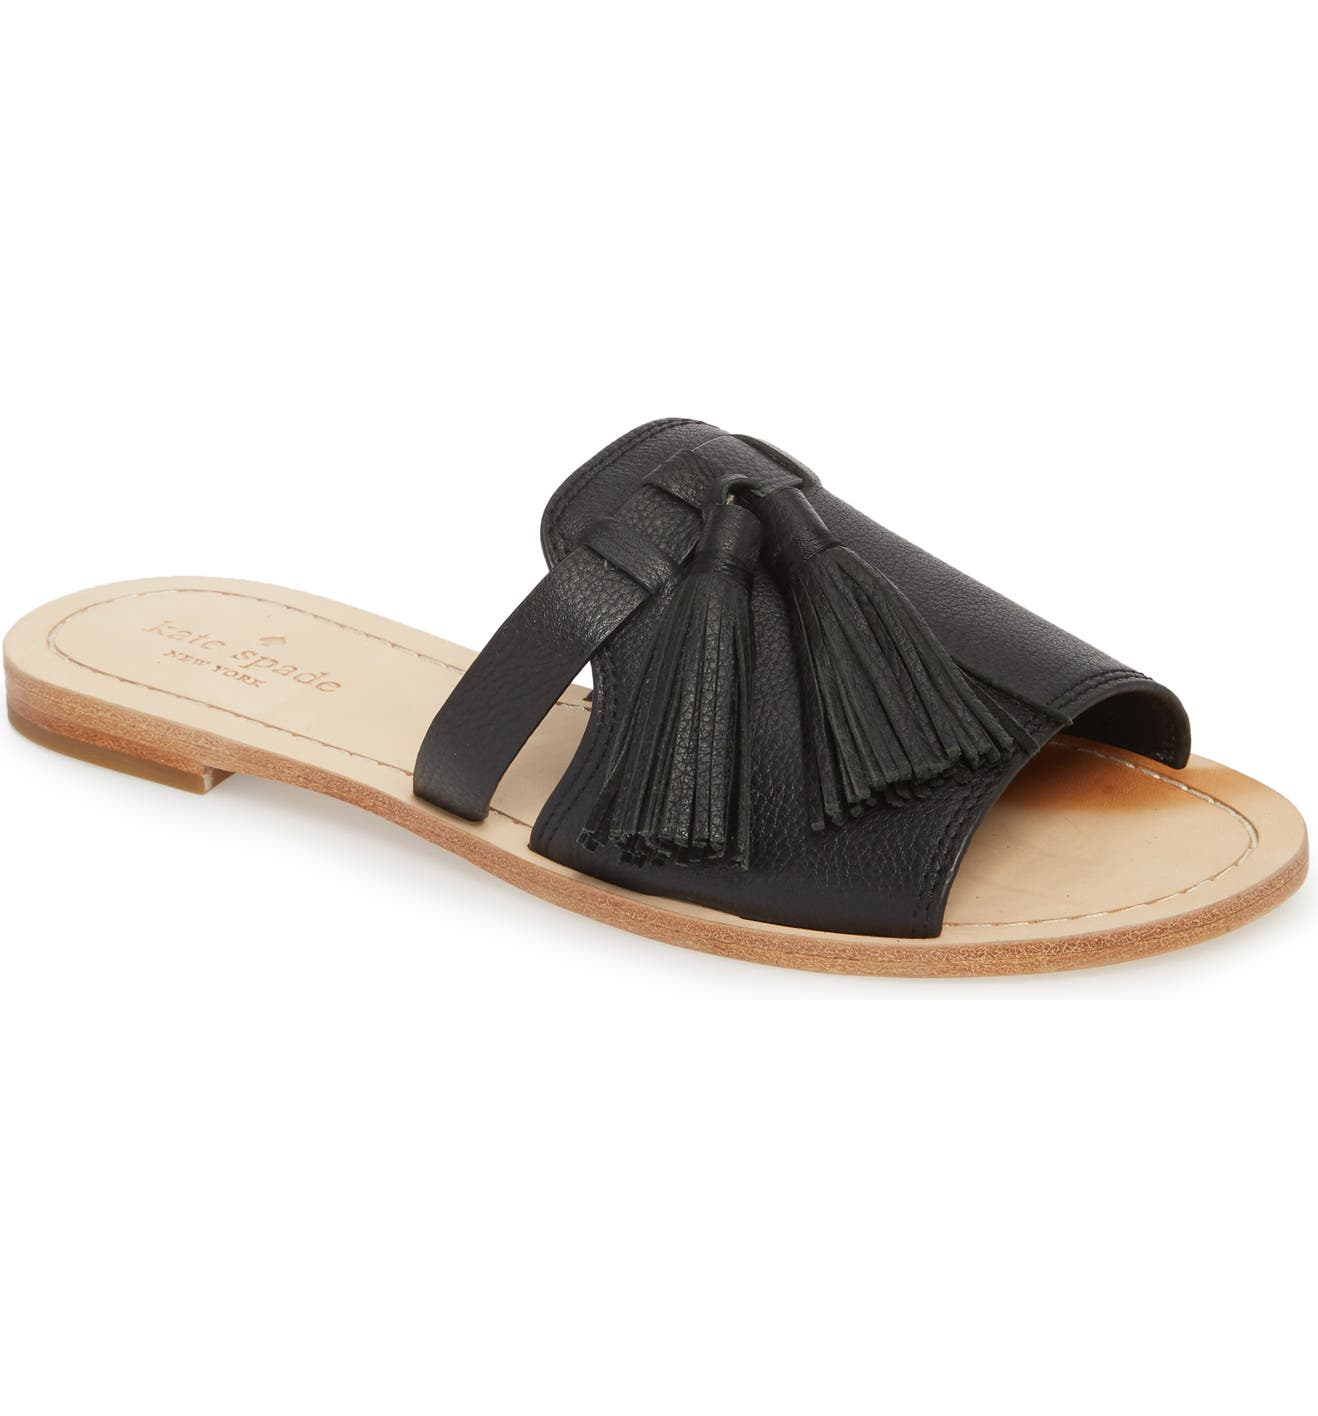 57c539cdf966 kate spade new york coby tassel slide sandal (Women)